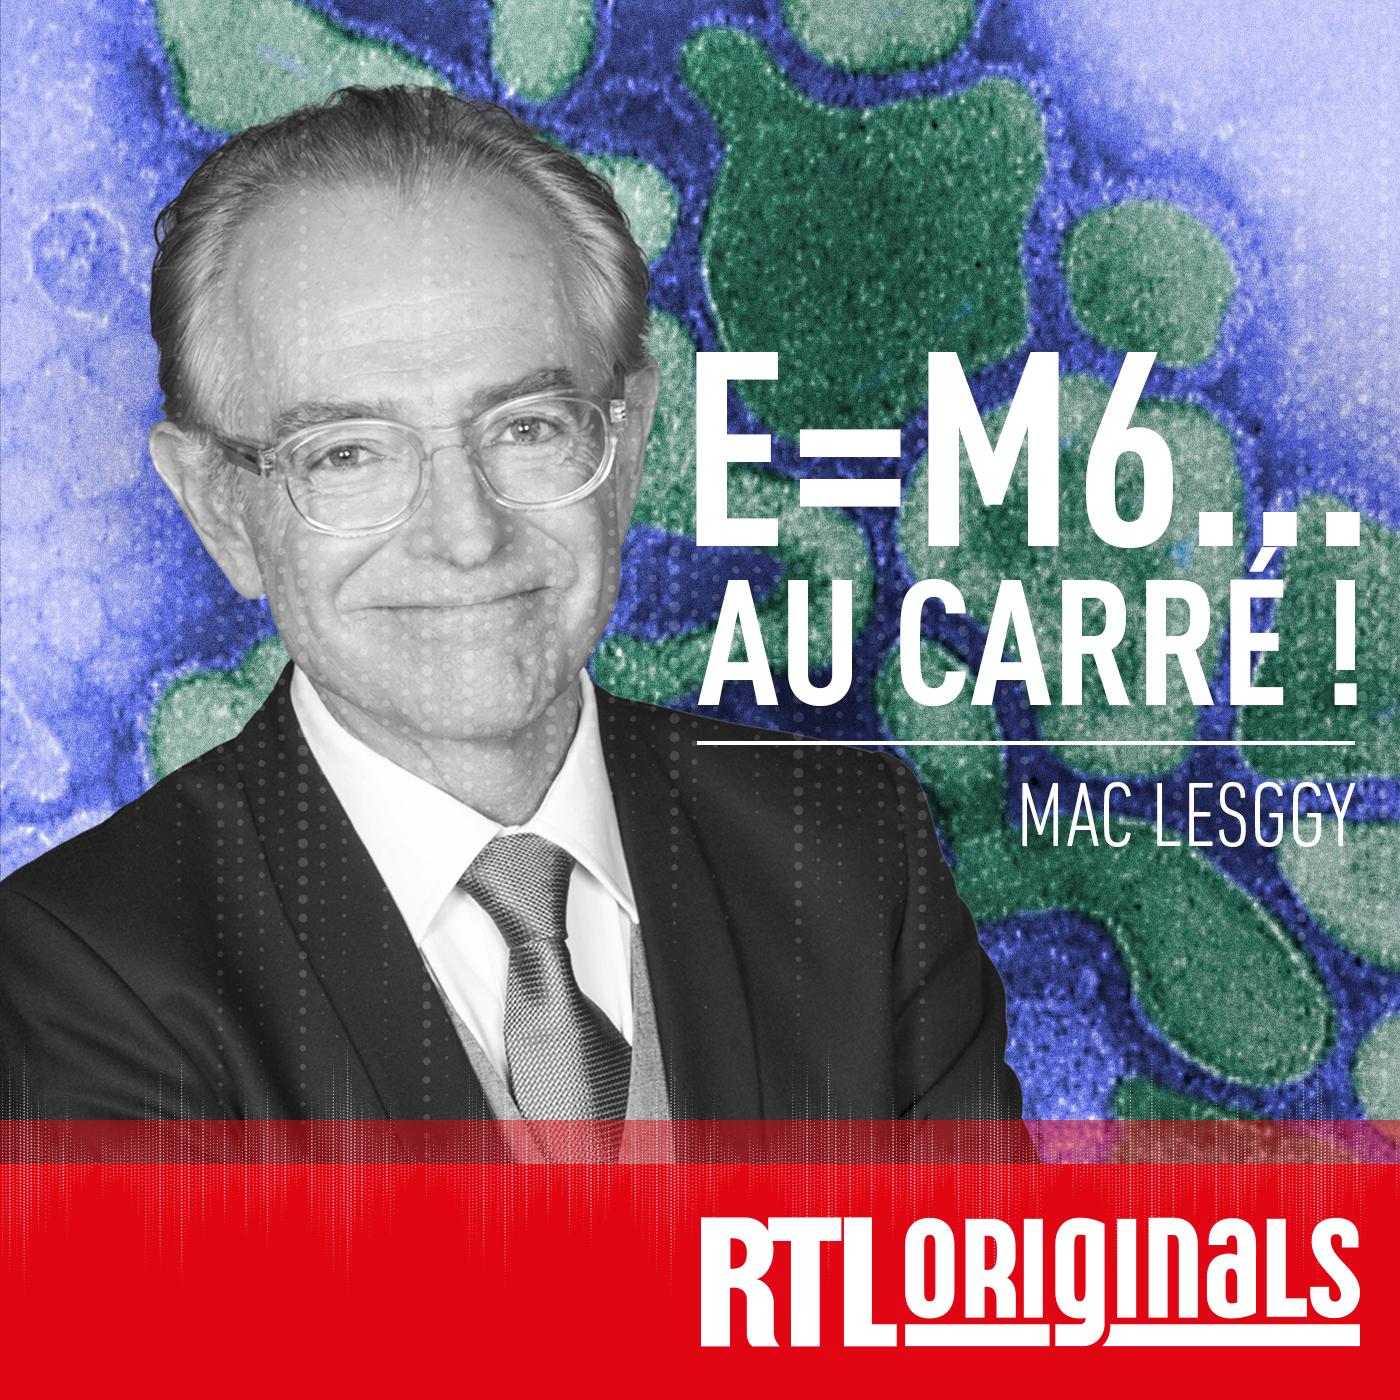 Lancement de RTL Originals, l'offre de podcasts natifs du Groupe M6